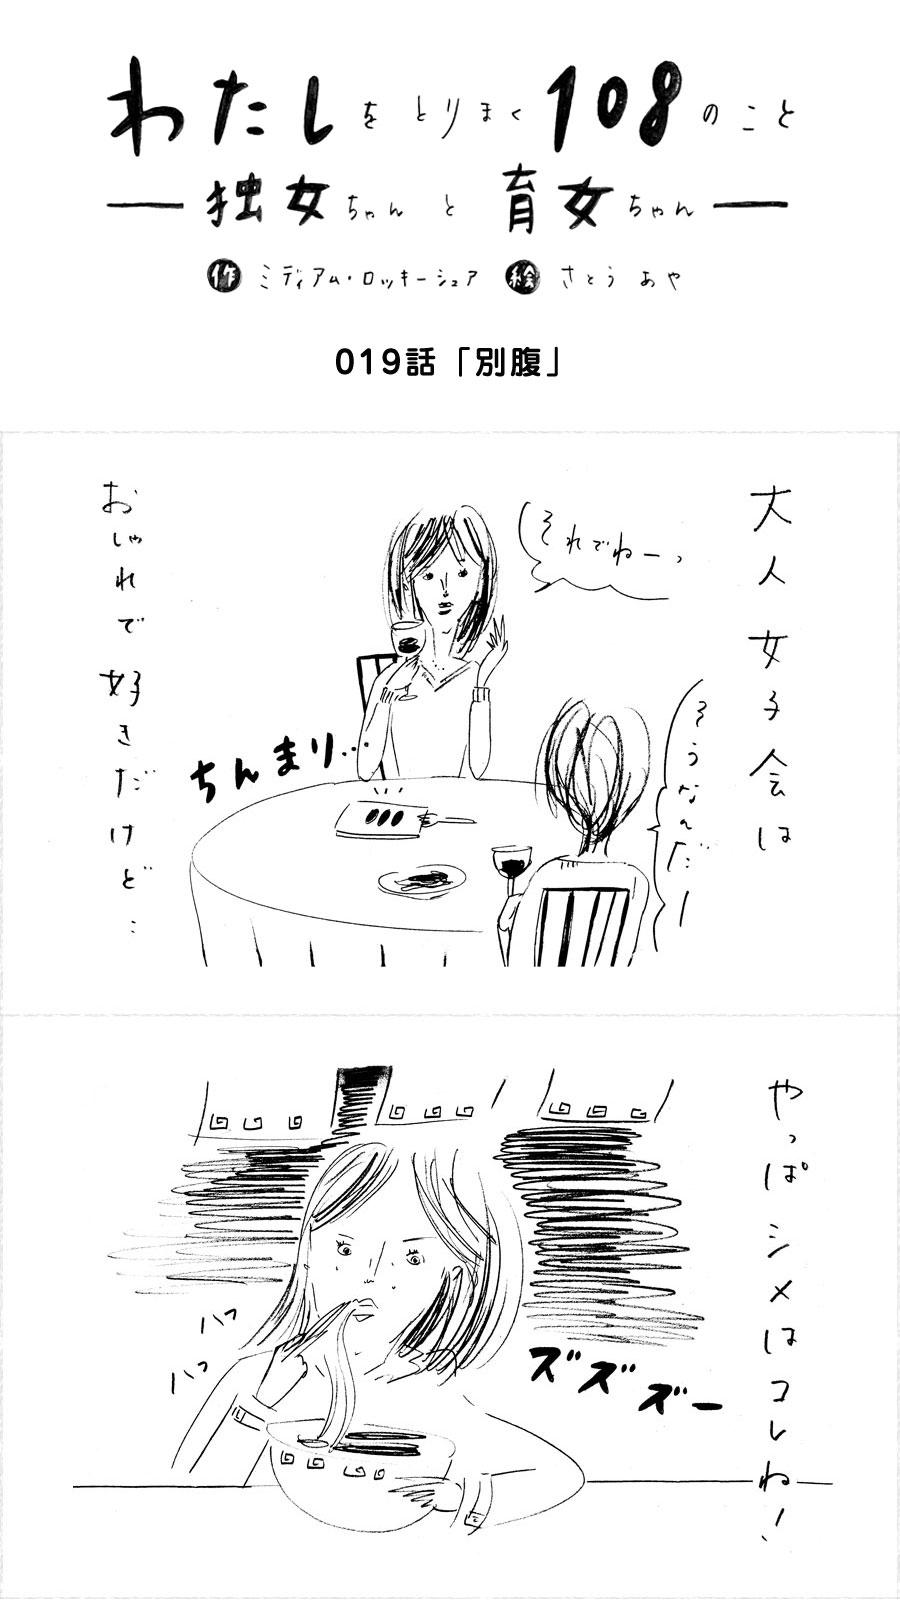 019_独女ちゃん_別腹_001